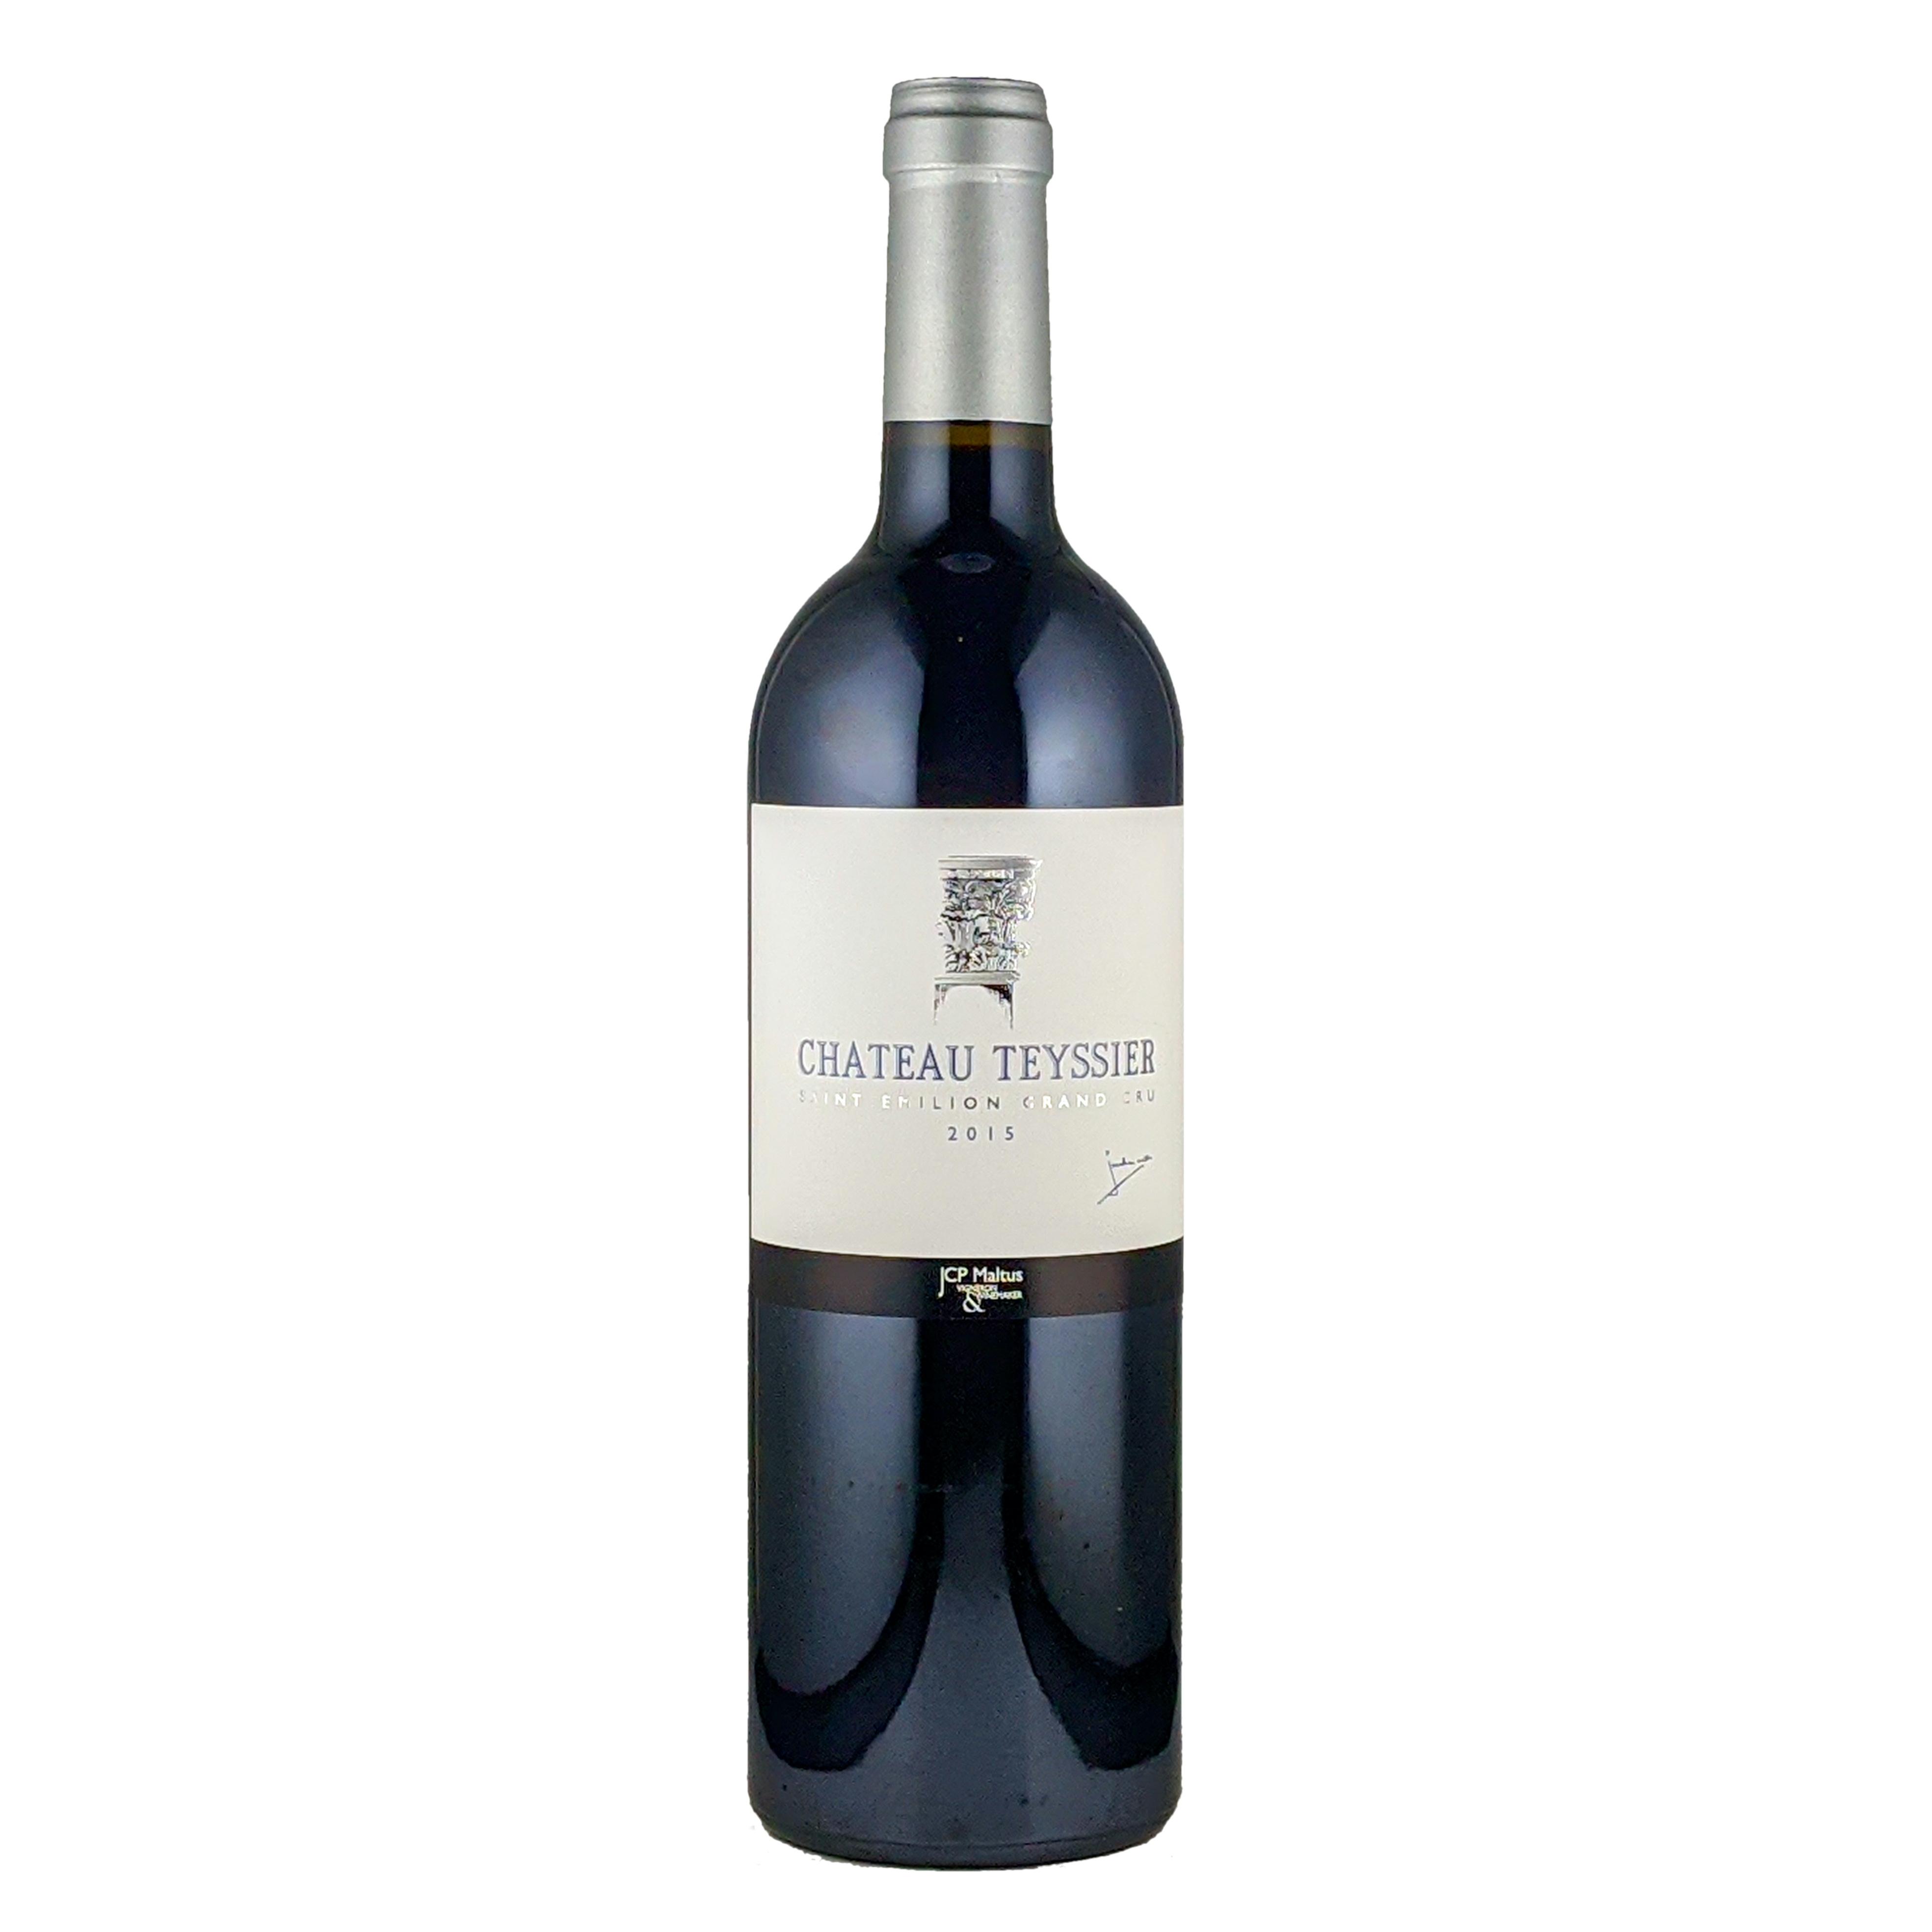 シャトー・テシエ・サンテミリオン・グランクリュ 2015 赤ワイン 750ml